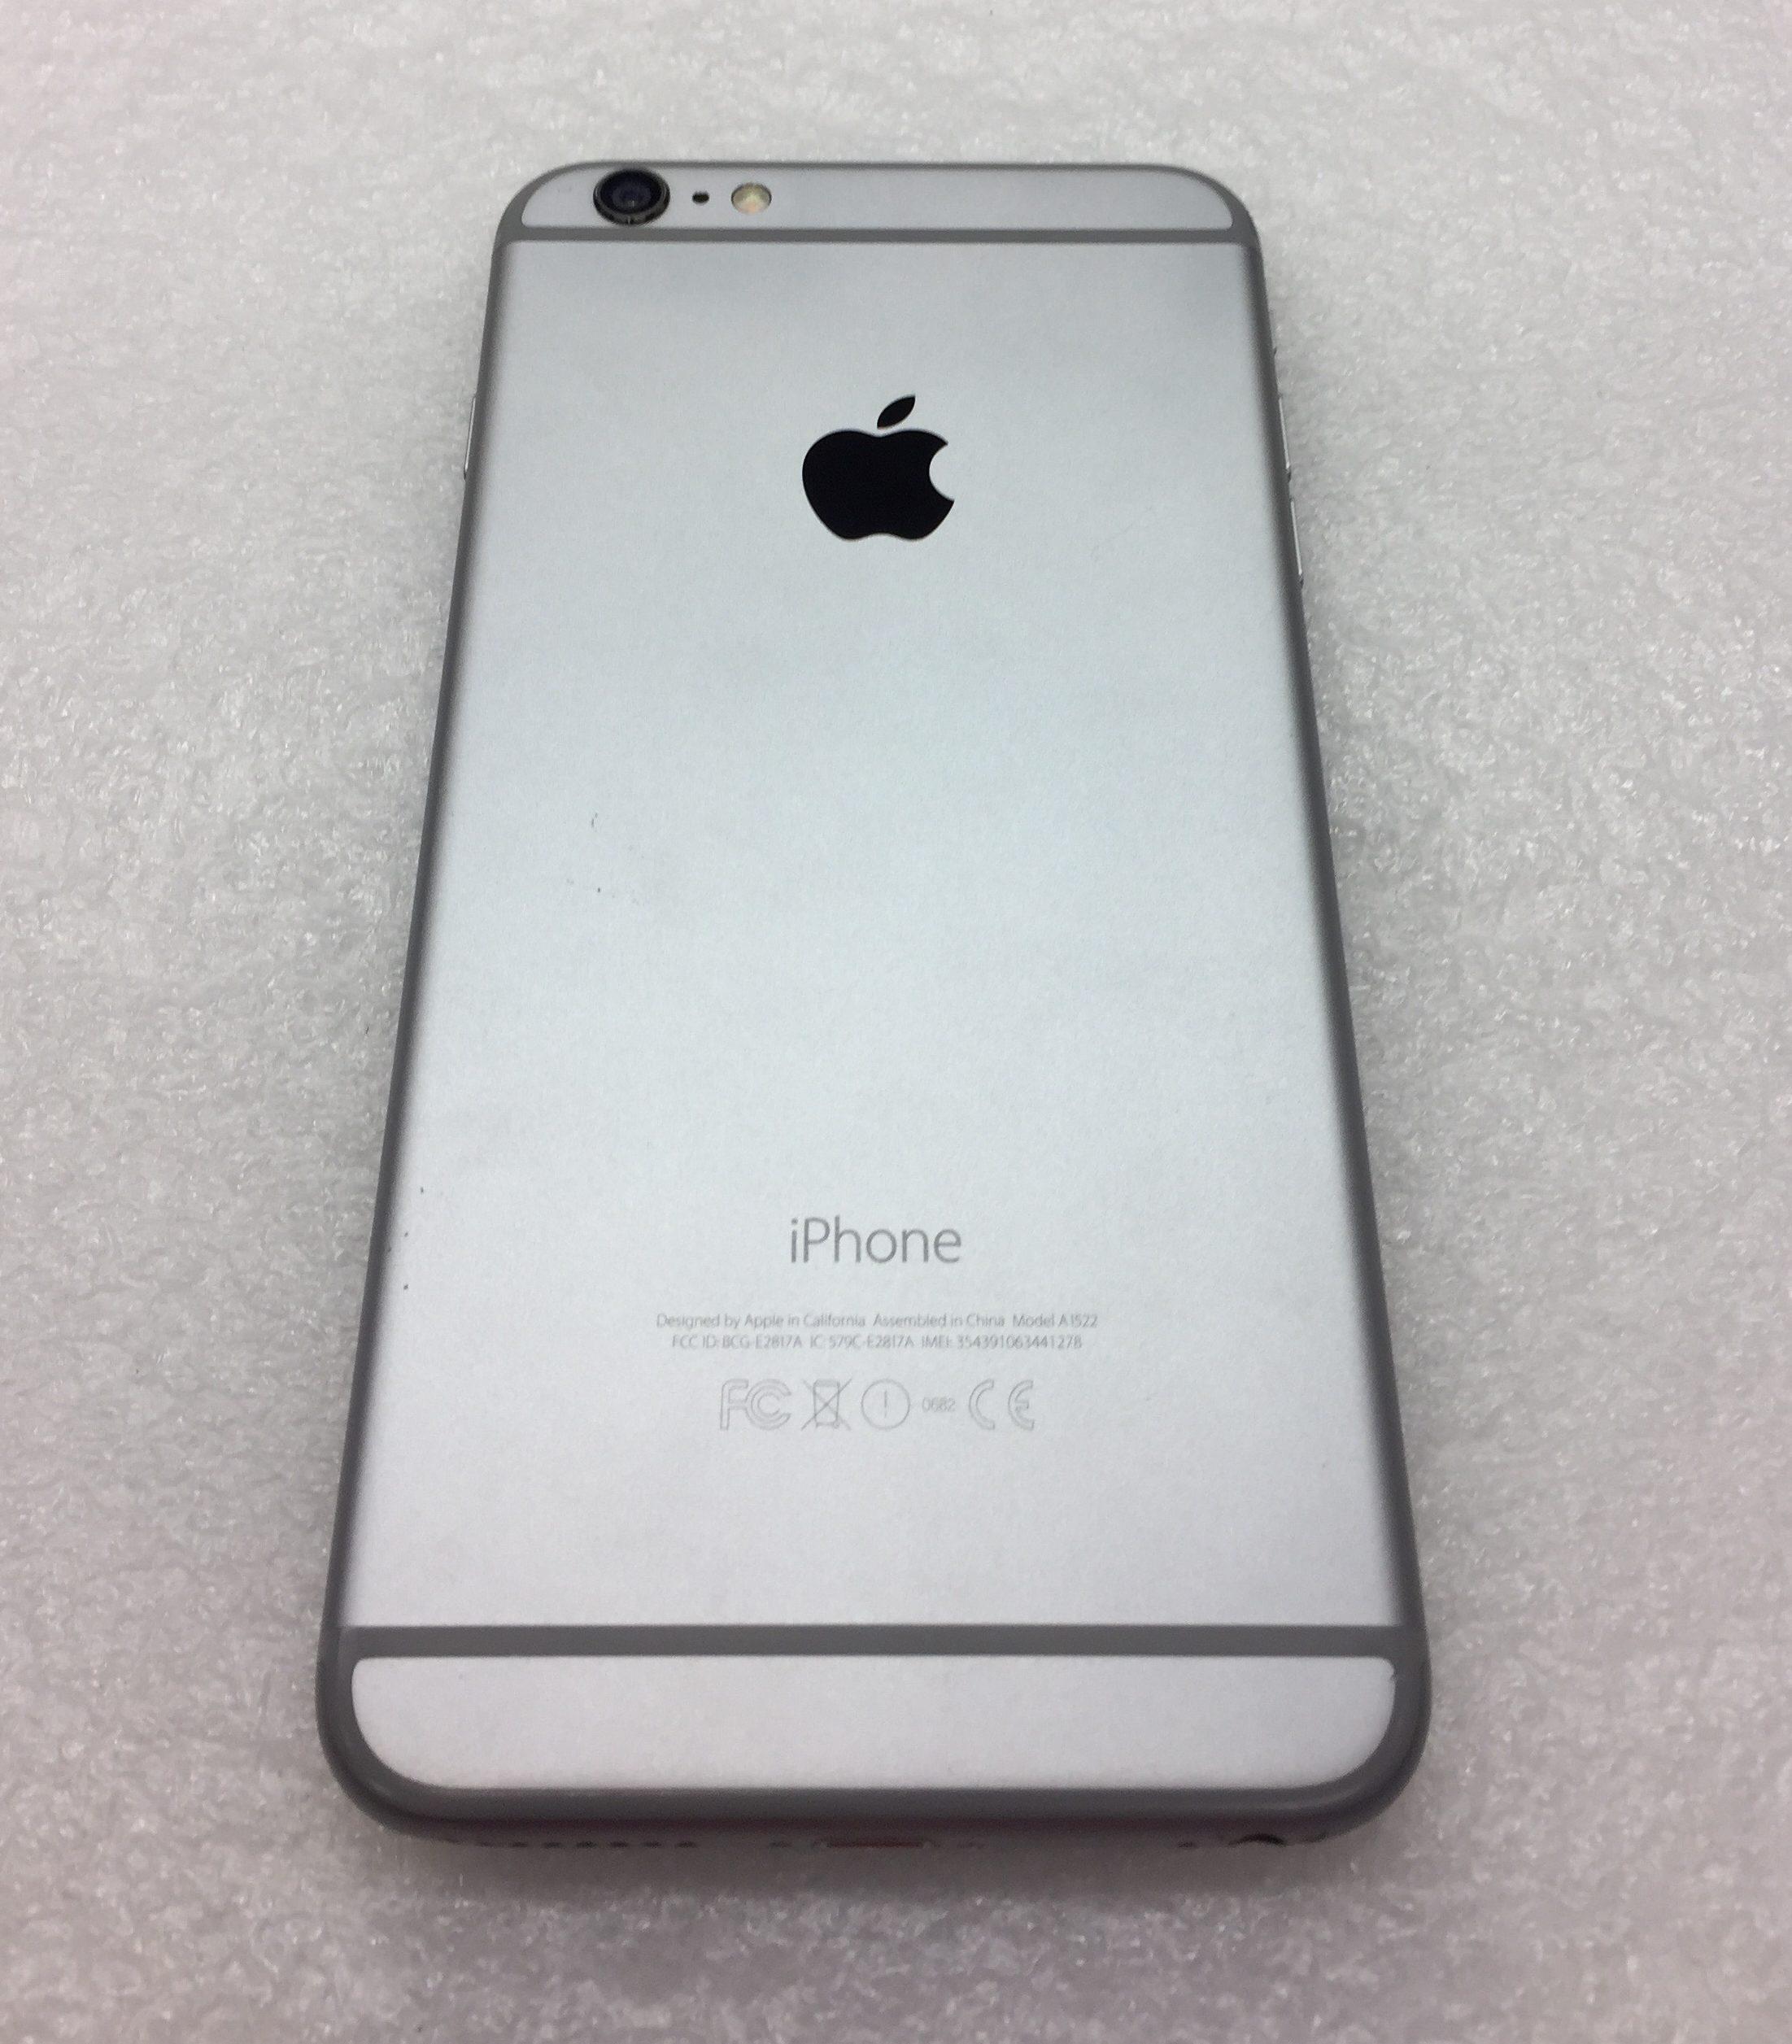 iPhone 6plus, 64 GB, Gris espacial, imagen 2